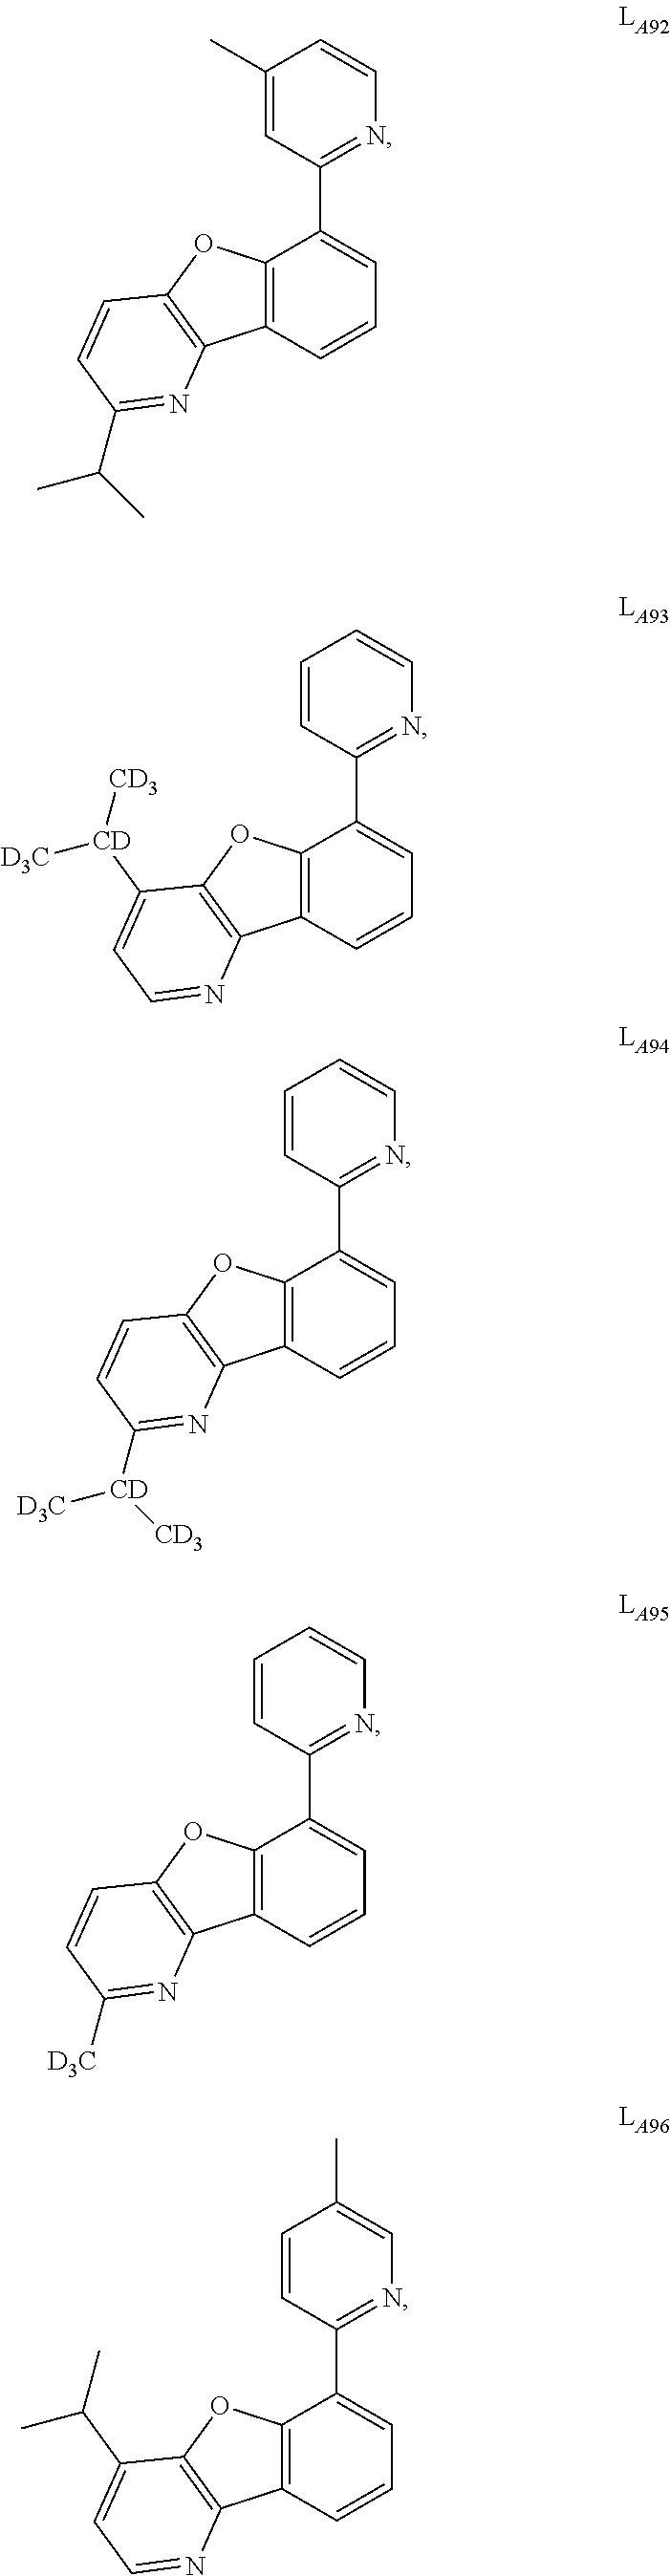 Figure US09634264-20170425-C00022